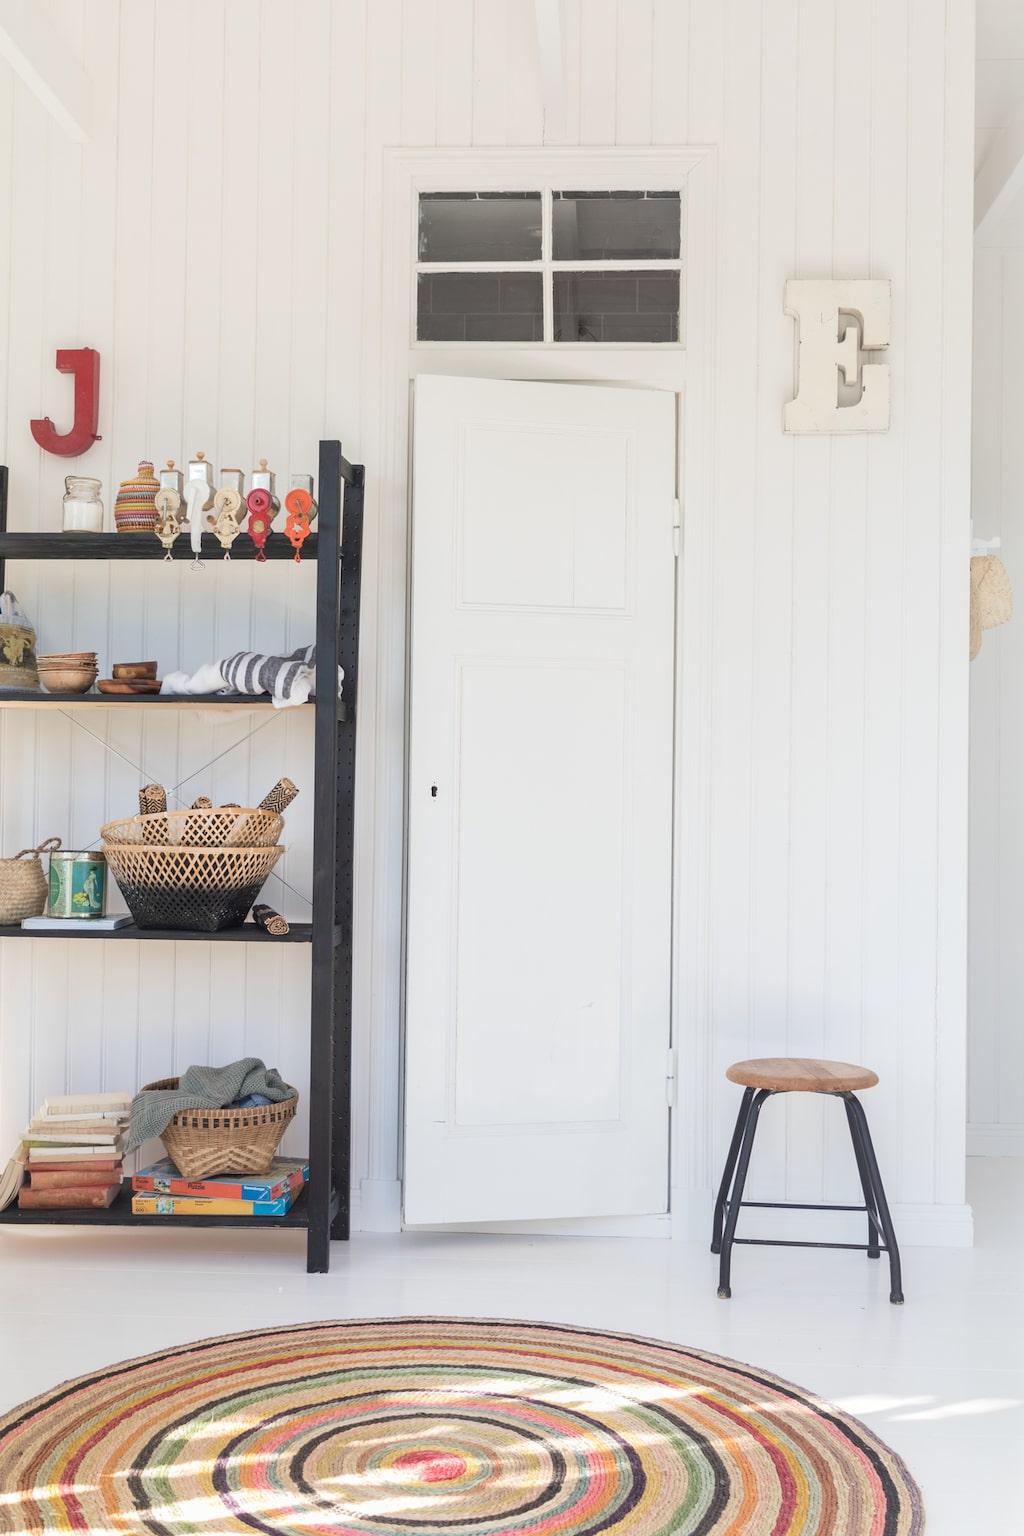 En klassisk lagerhylla fungerar som avställningsyta. Hyllan Ivar från Ikea var från början trävit, men Nicole har målat den svart.